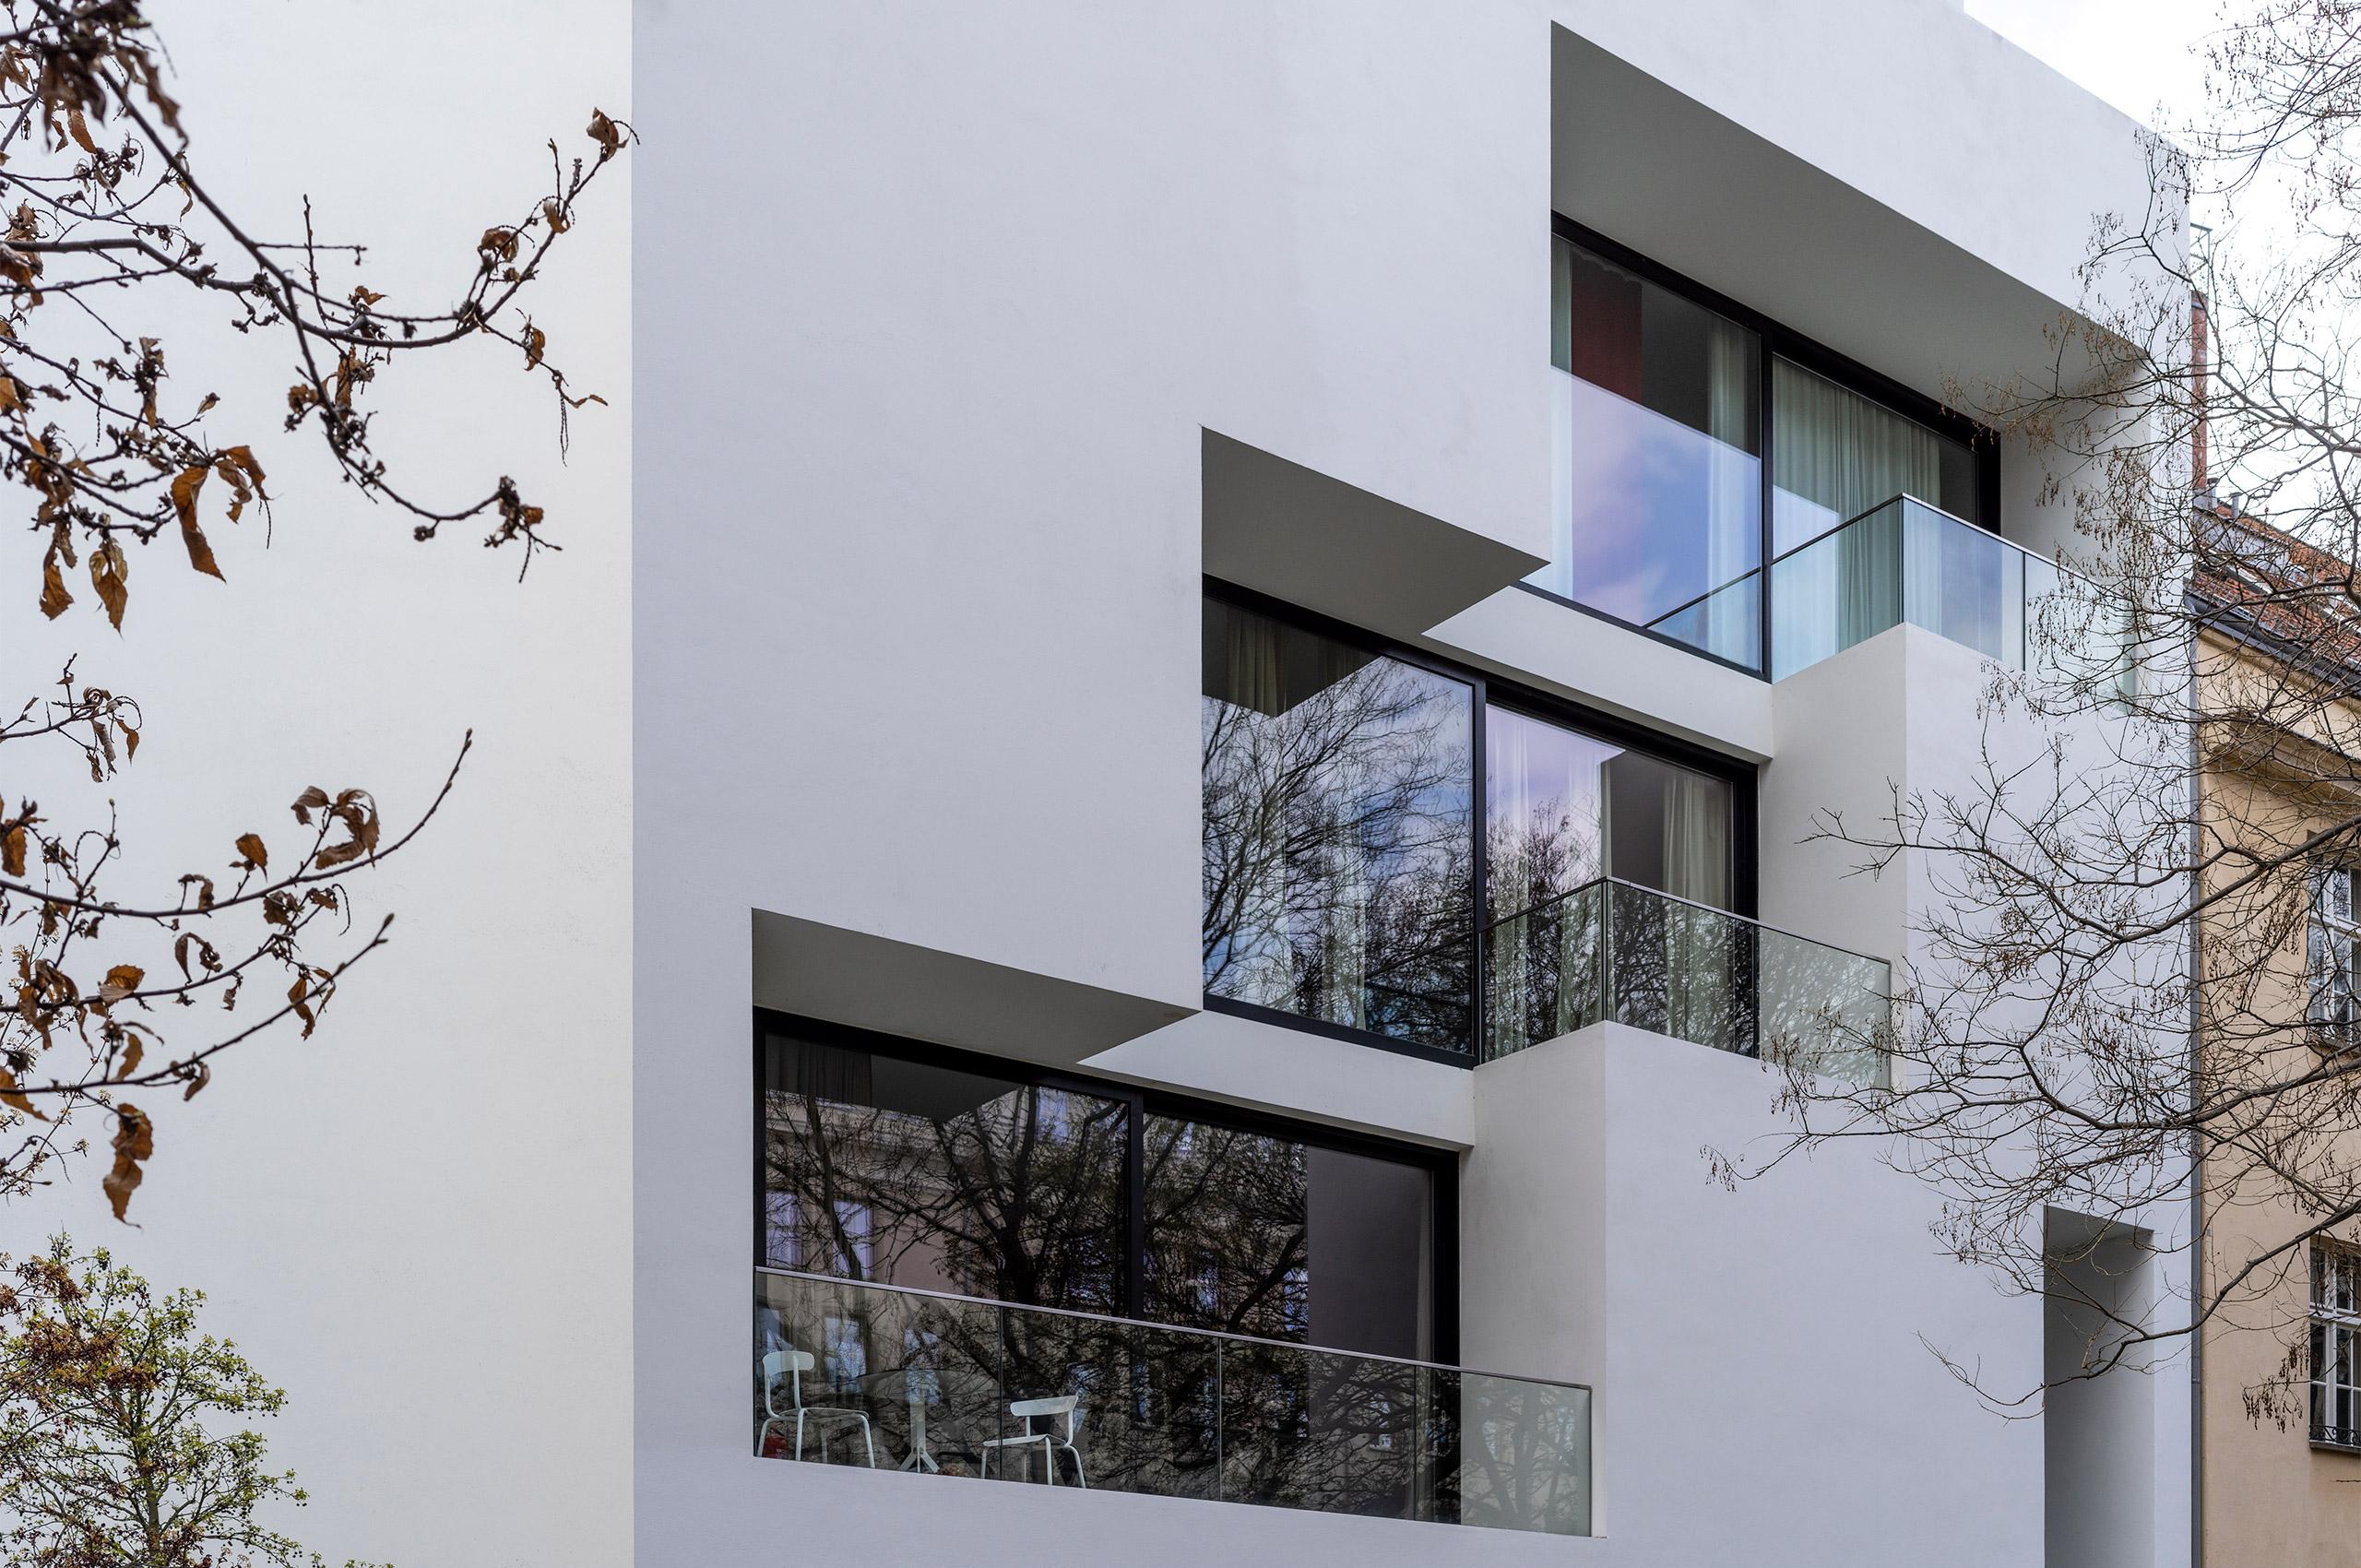 Vicent Architekten Waisenstrasse Berlin